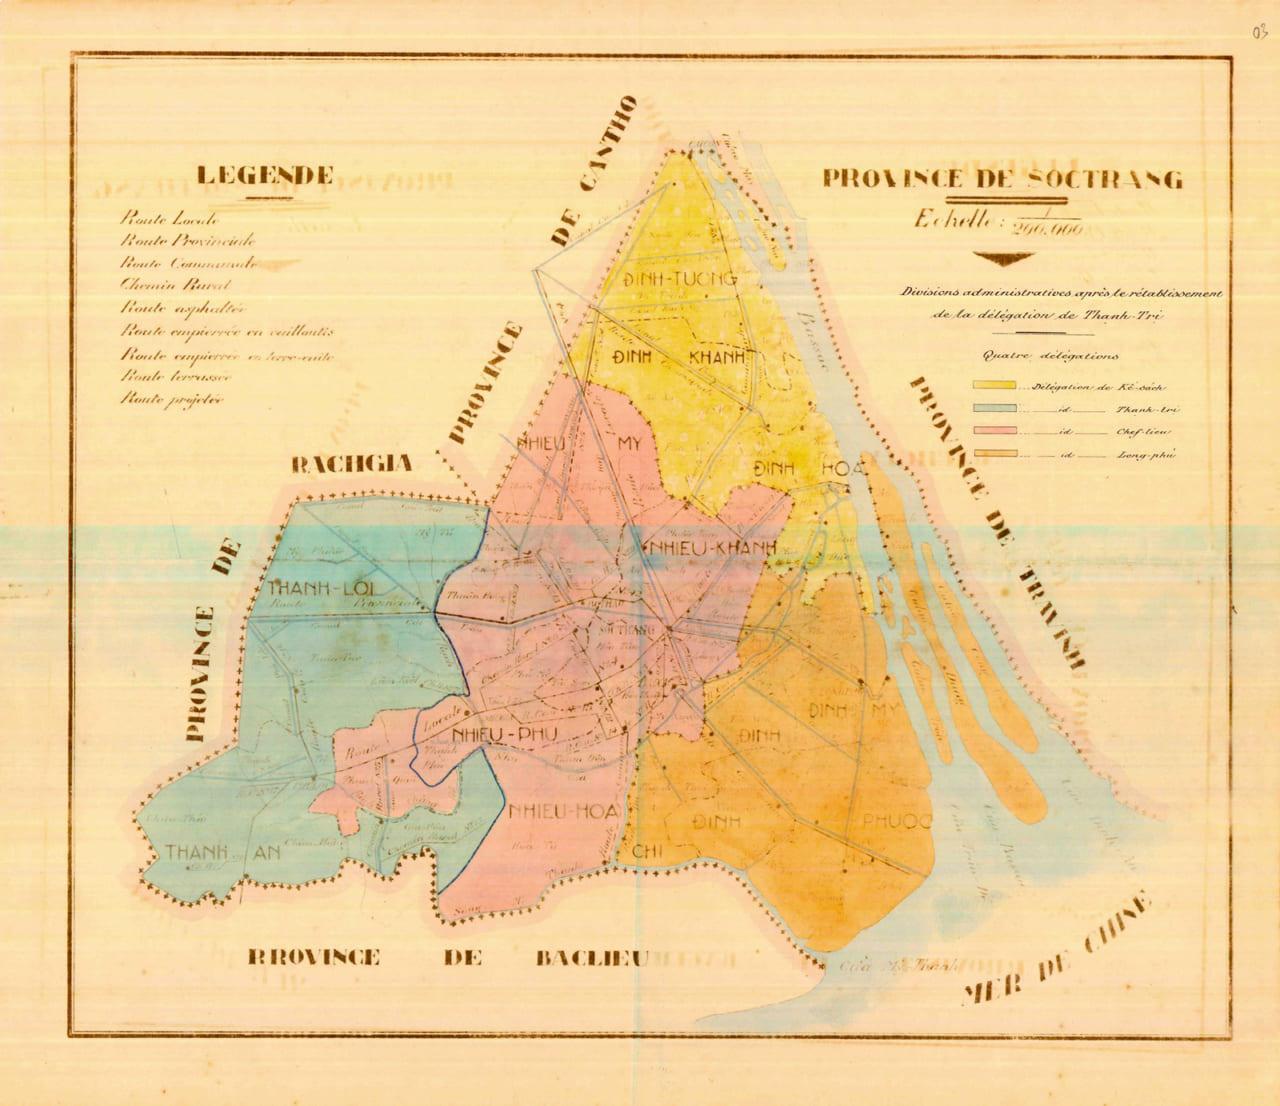 Bản đồ tỉnh Sóc Trăng năm 1943 - Tài liệu của phủ Thống đốc Nam Kỳ trước đây